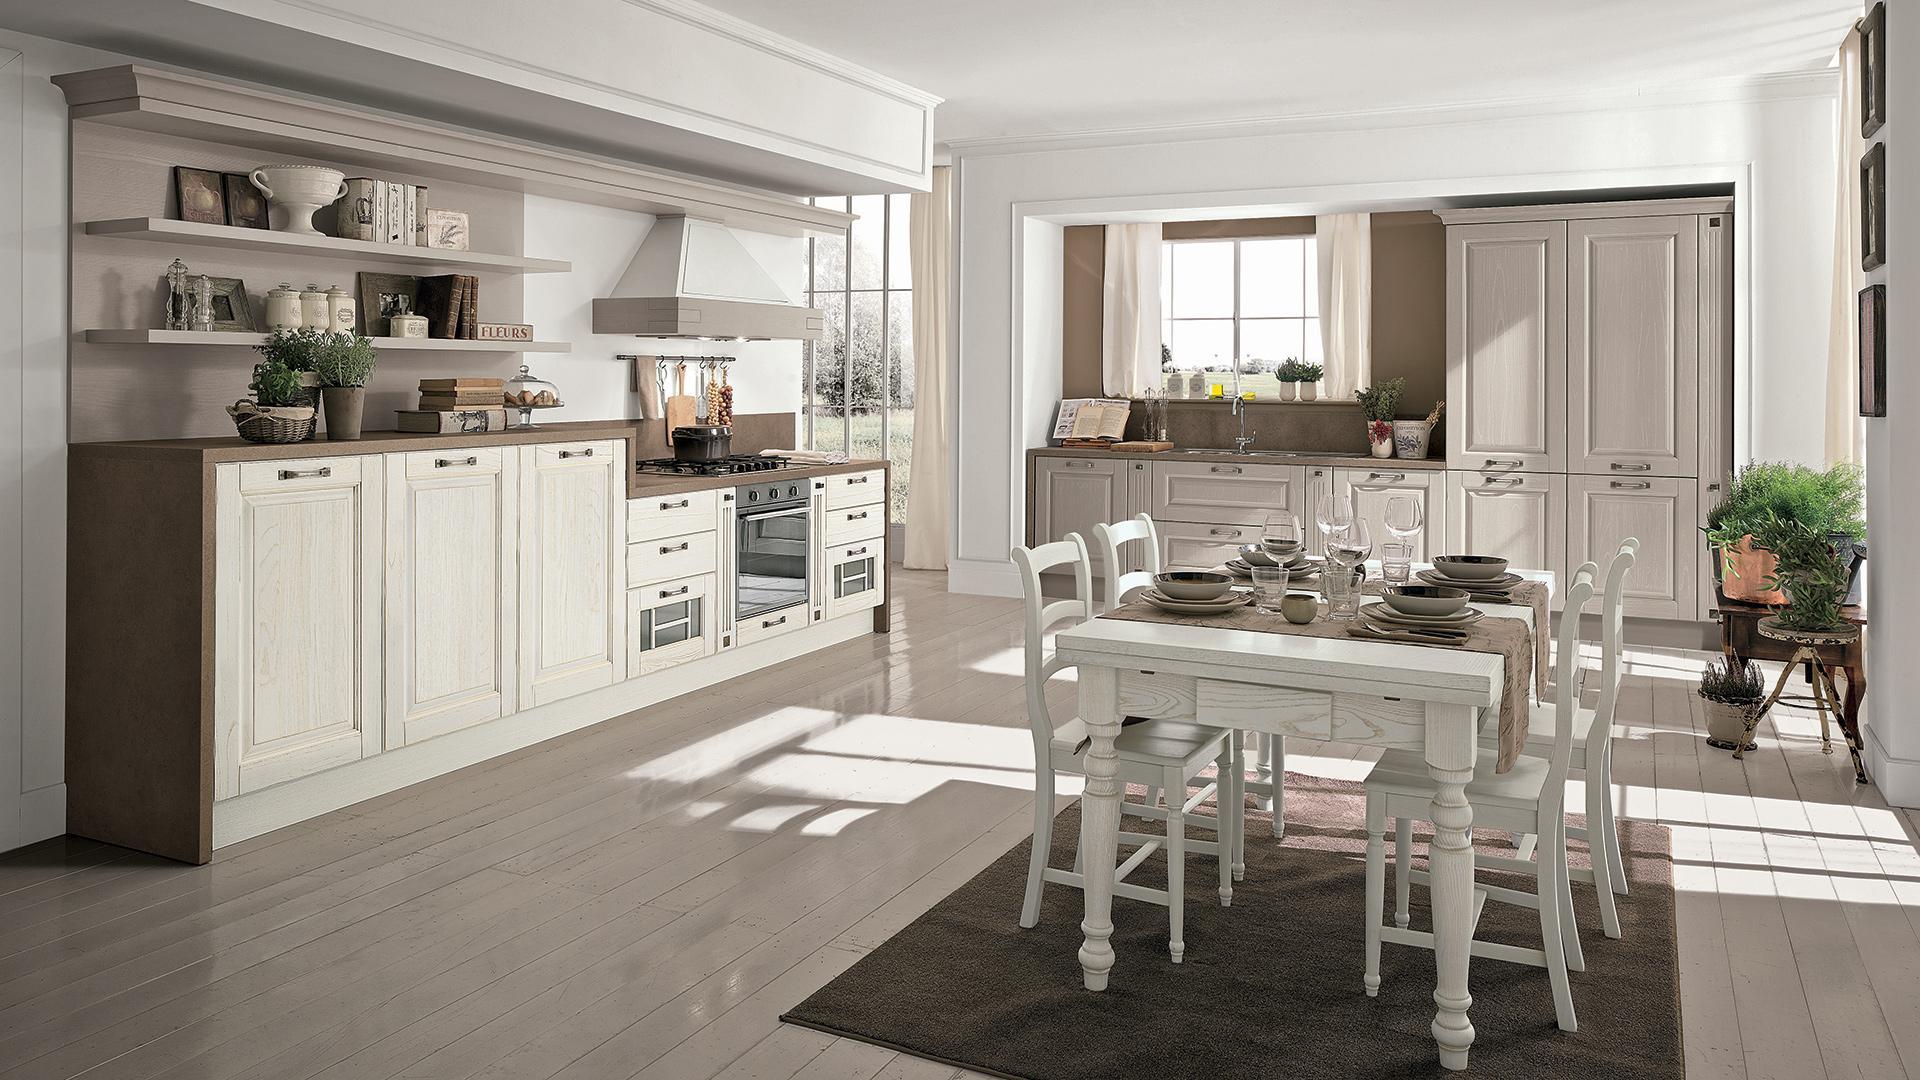 Rizzo Arreda Lube Arredamenti Paderno Dugnano | Cucine Classica Laura